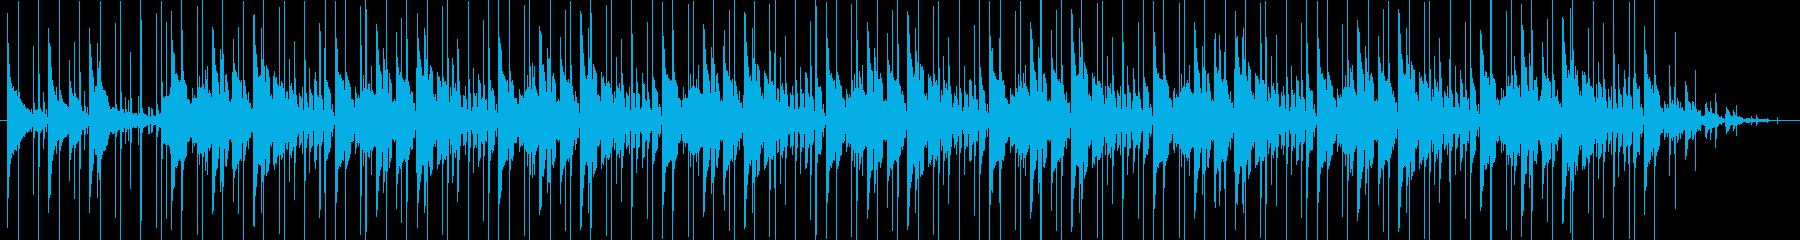 悲しげ/Chill/lo-fi/ギターの再生済みの波形